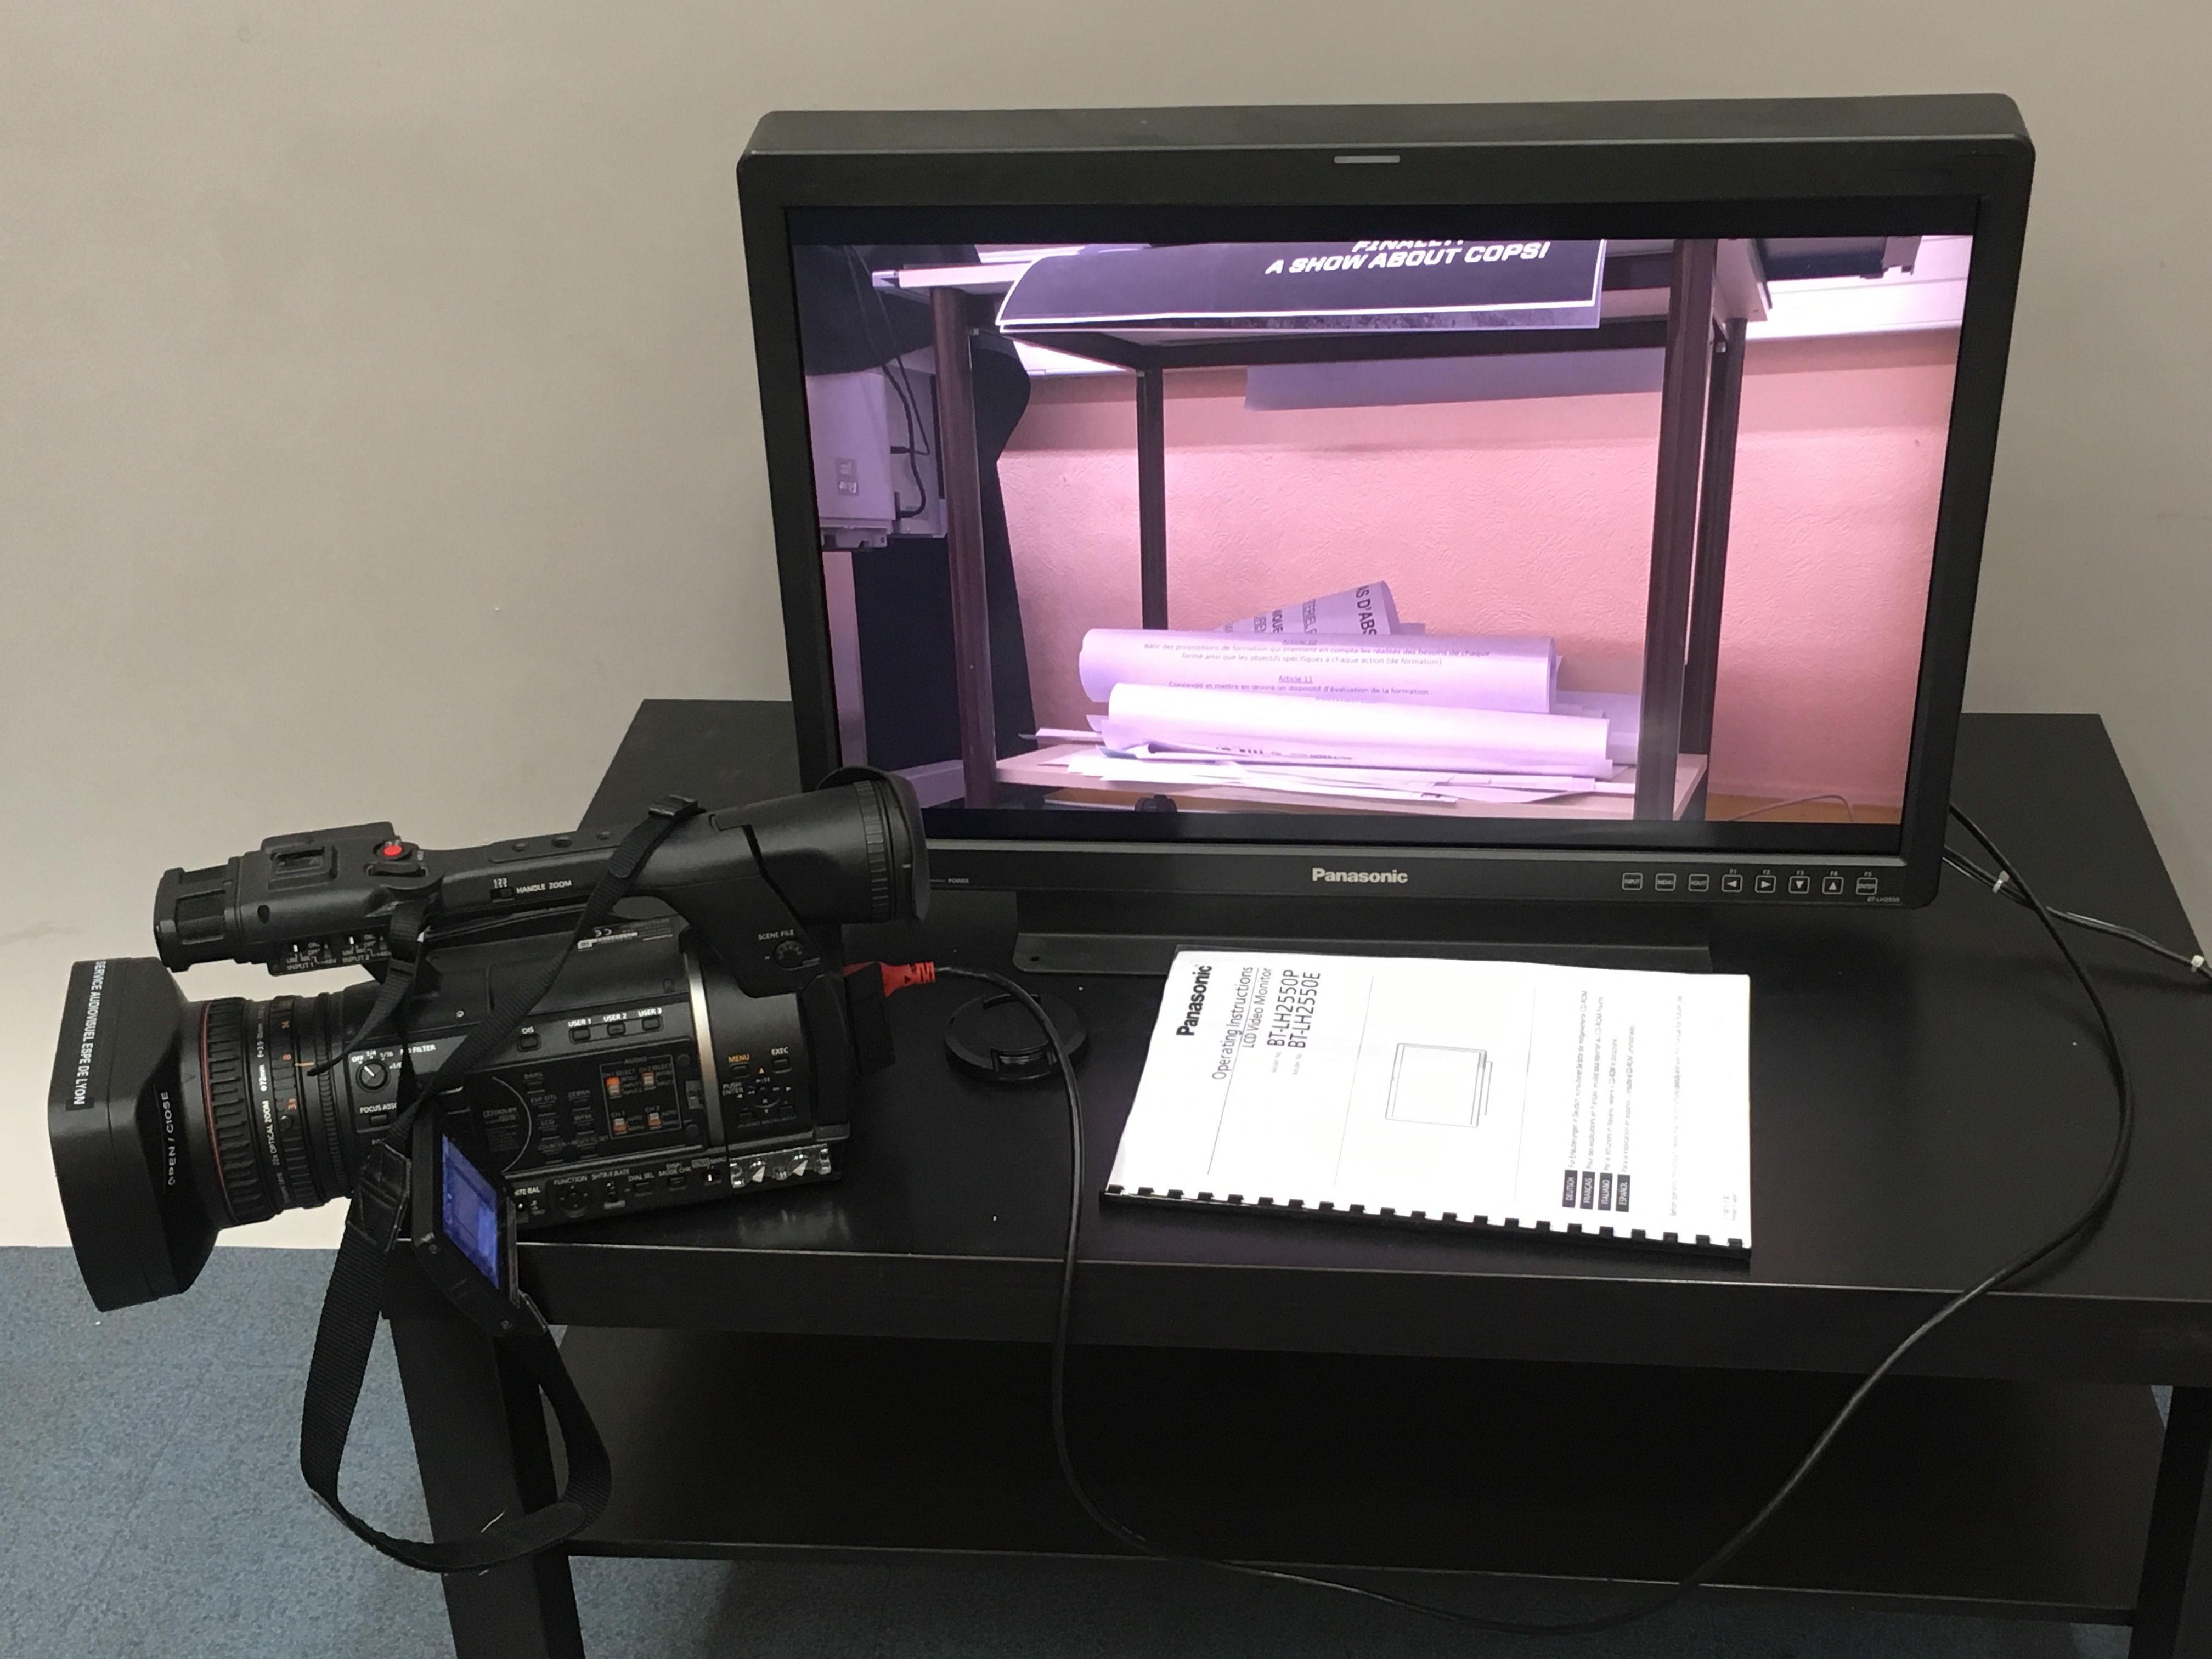 Moniteur LCD Panasonic 25 pouces Full HD, HD-SDI, DVI-D, YUV + Vecteurscope